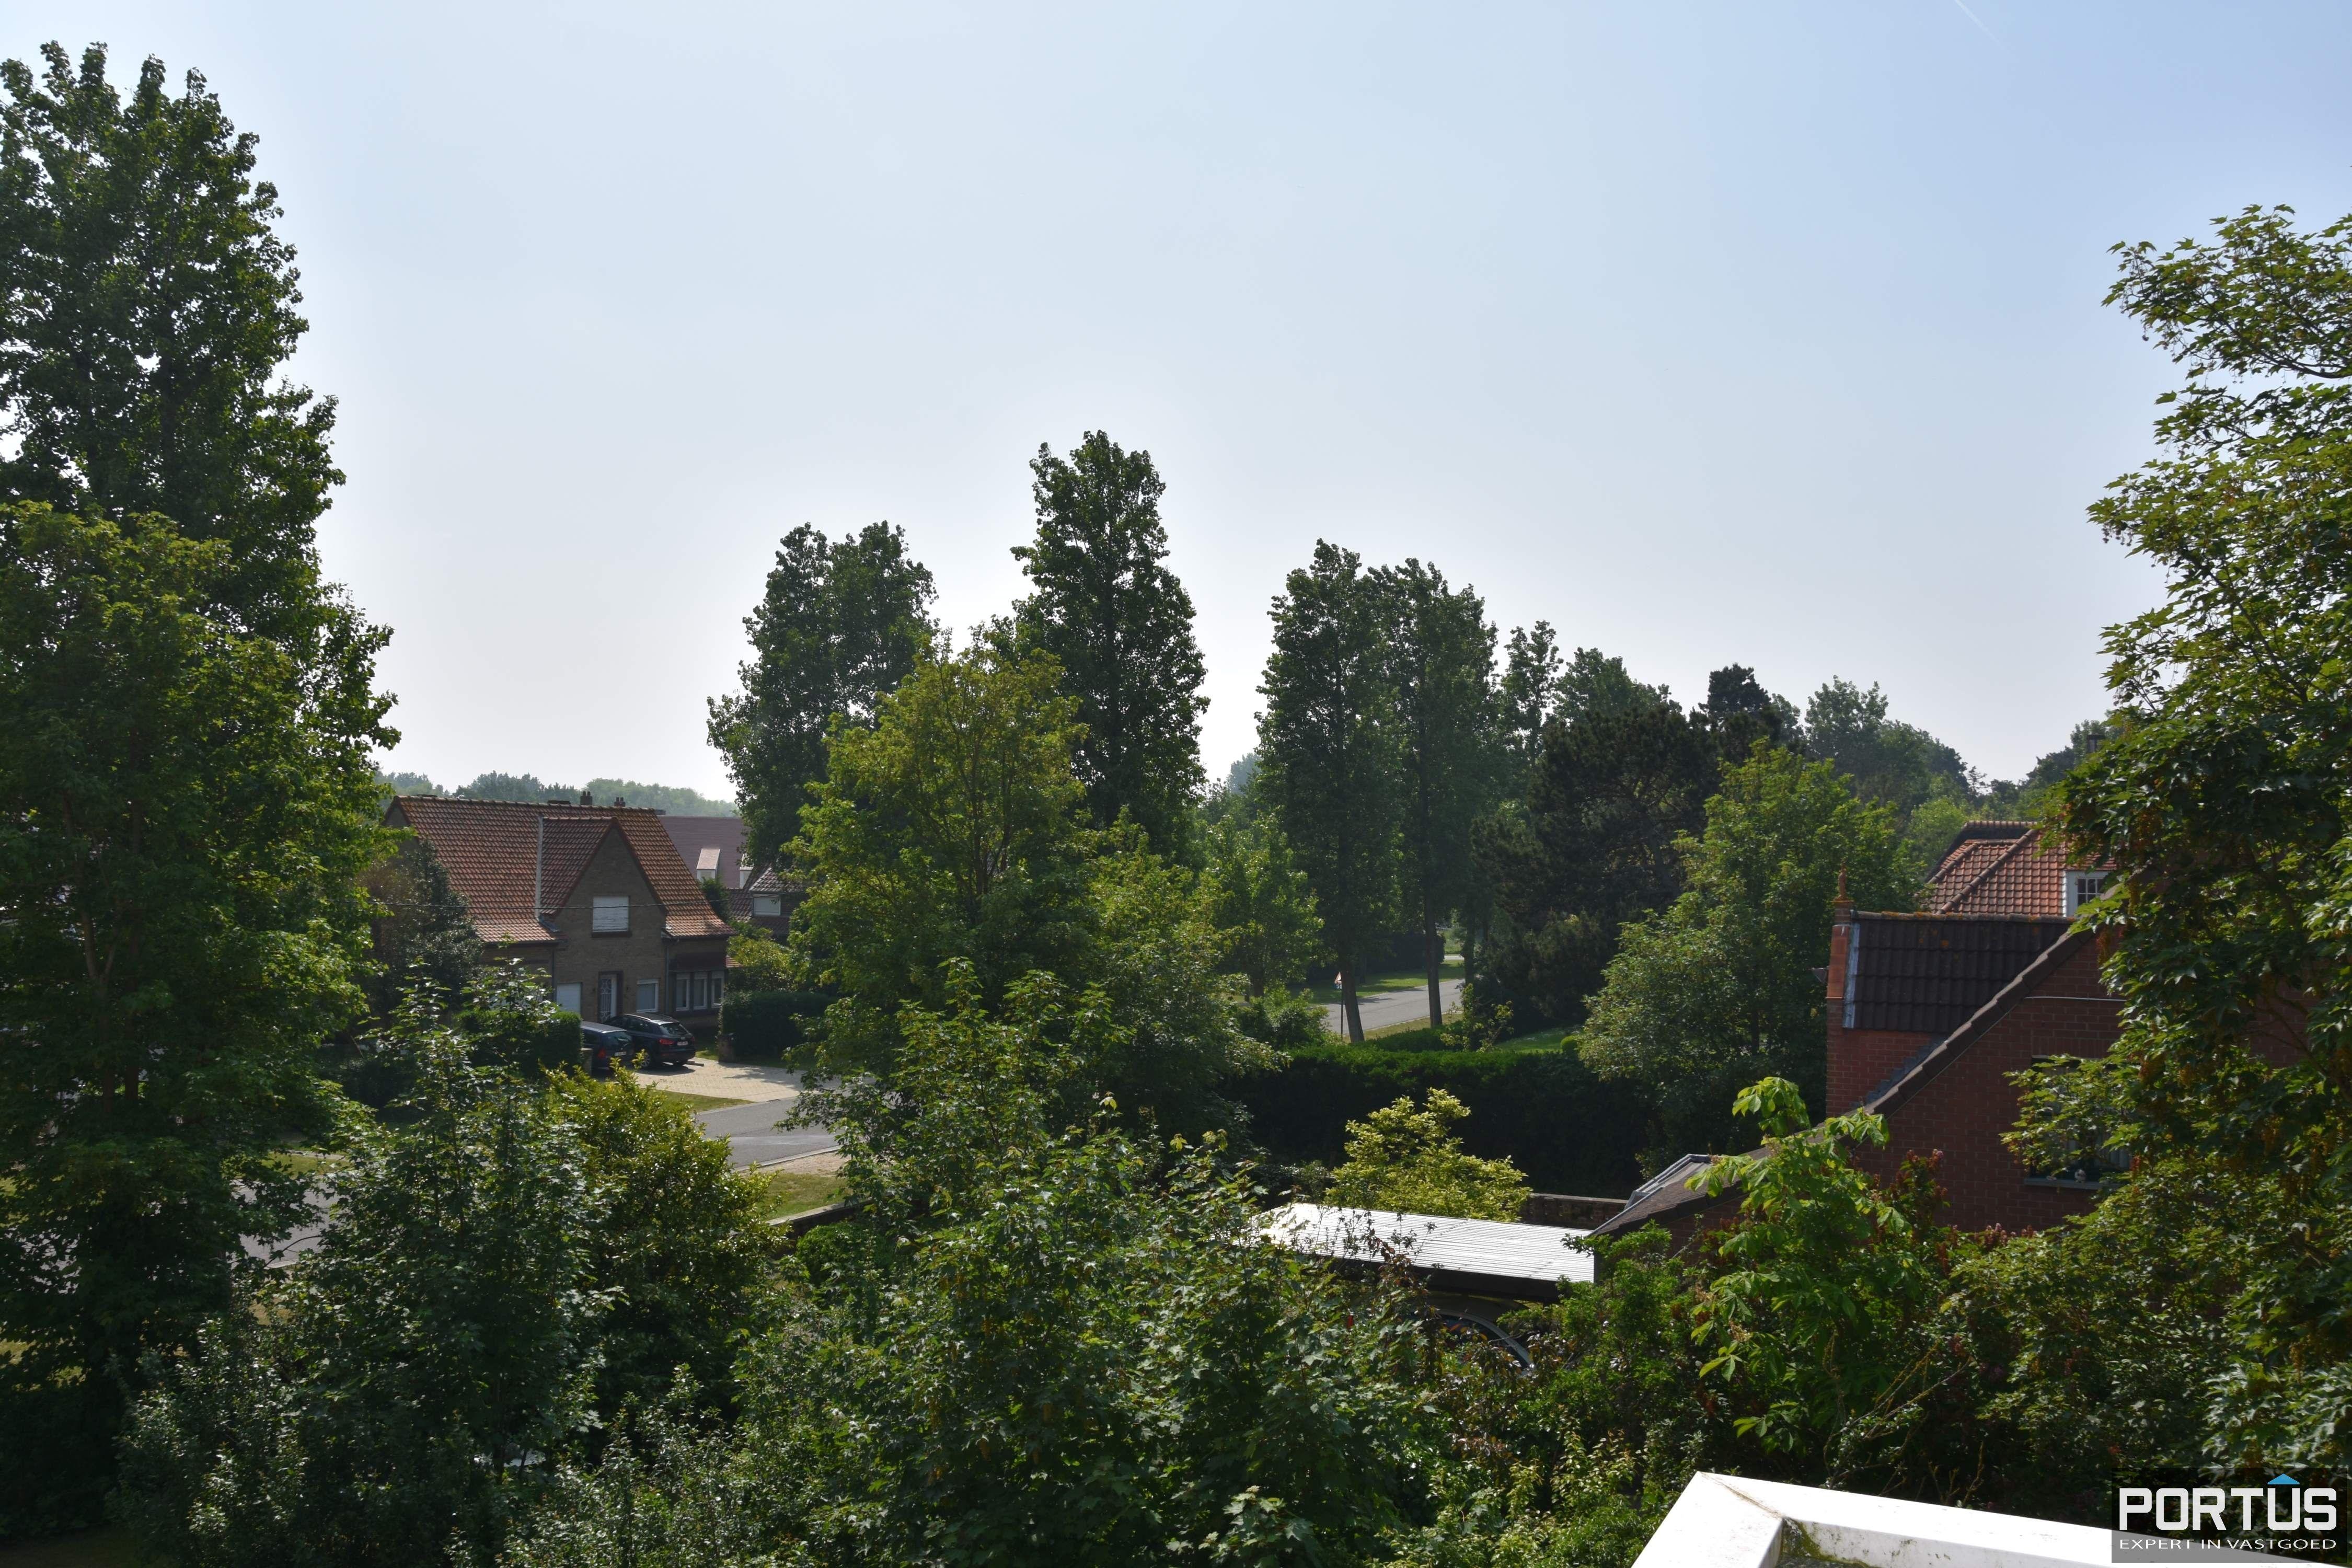 Appartement Residentie Villa Crombez Nieuwpoort - 8343